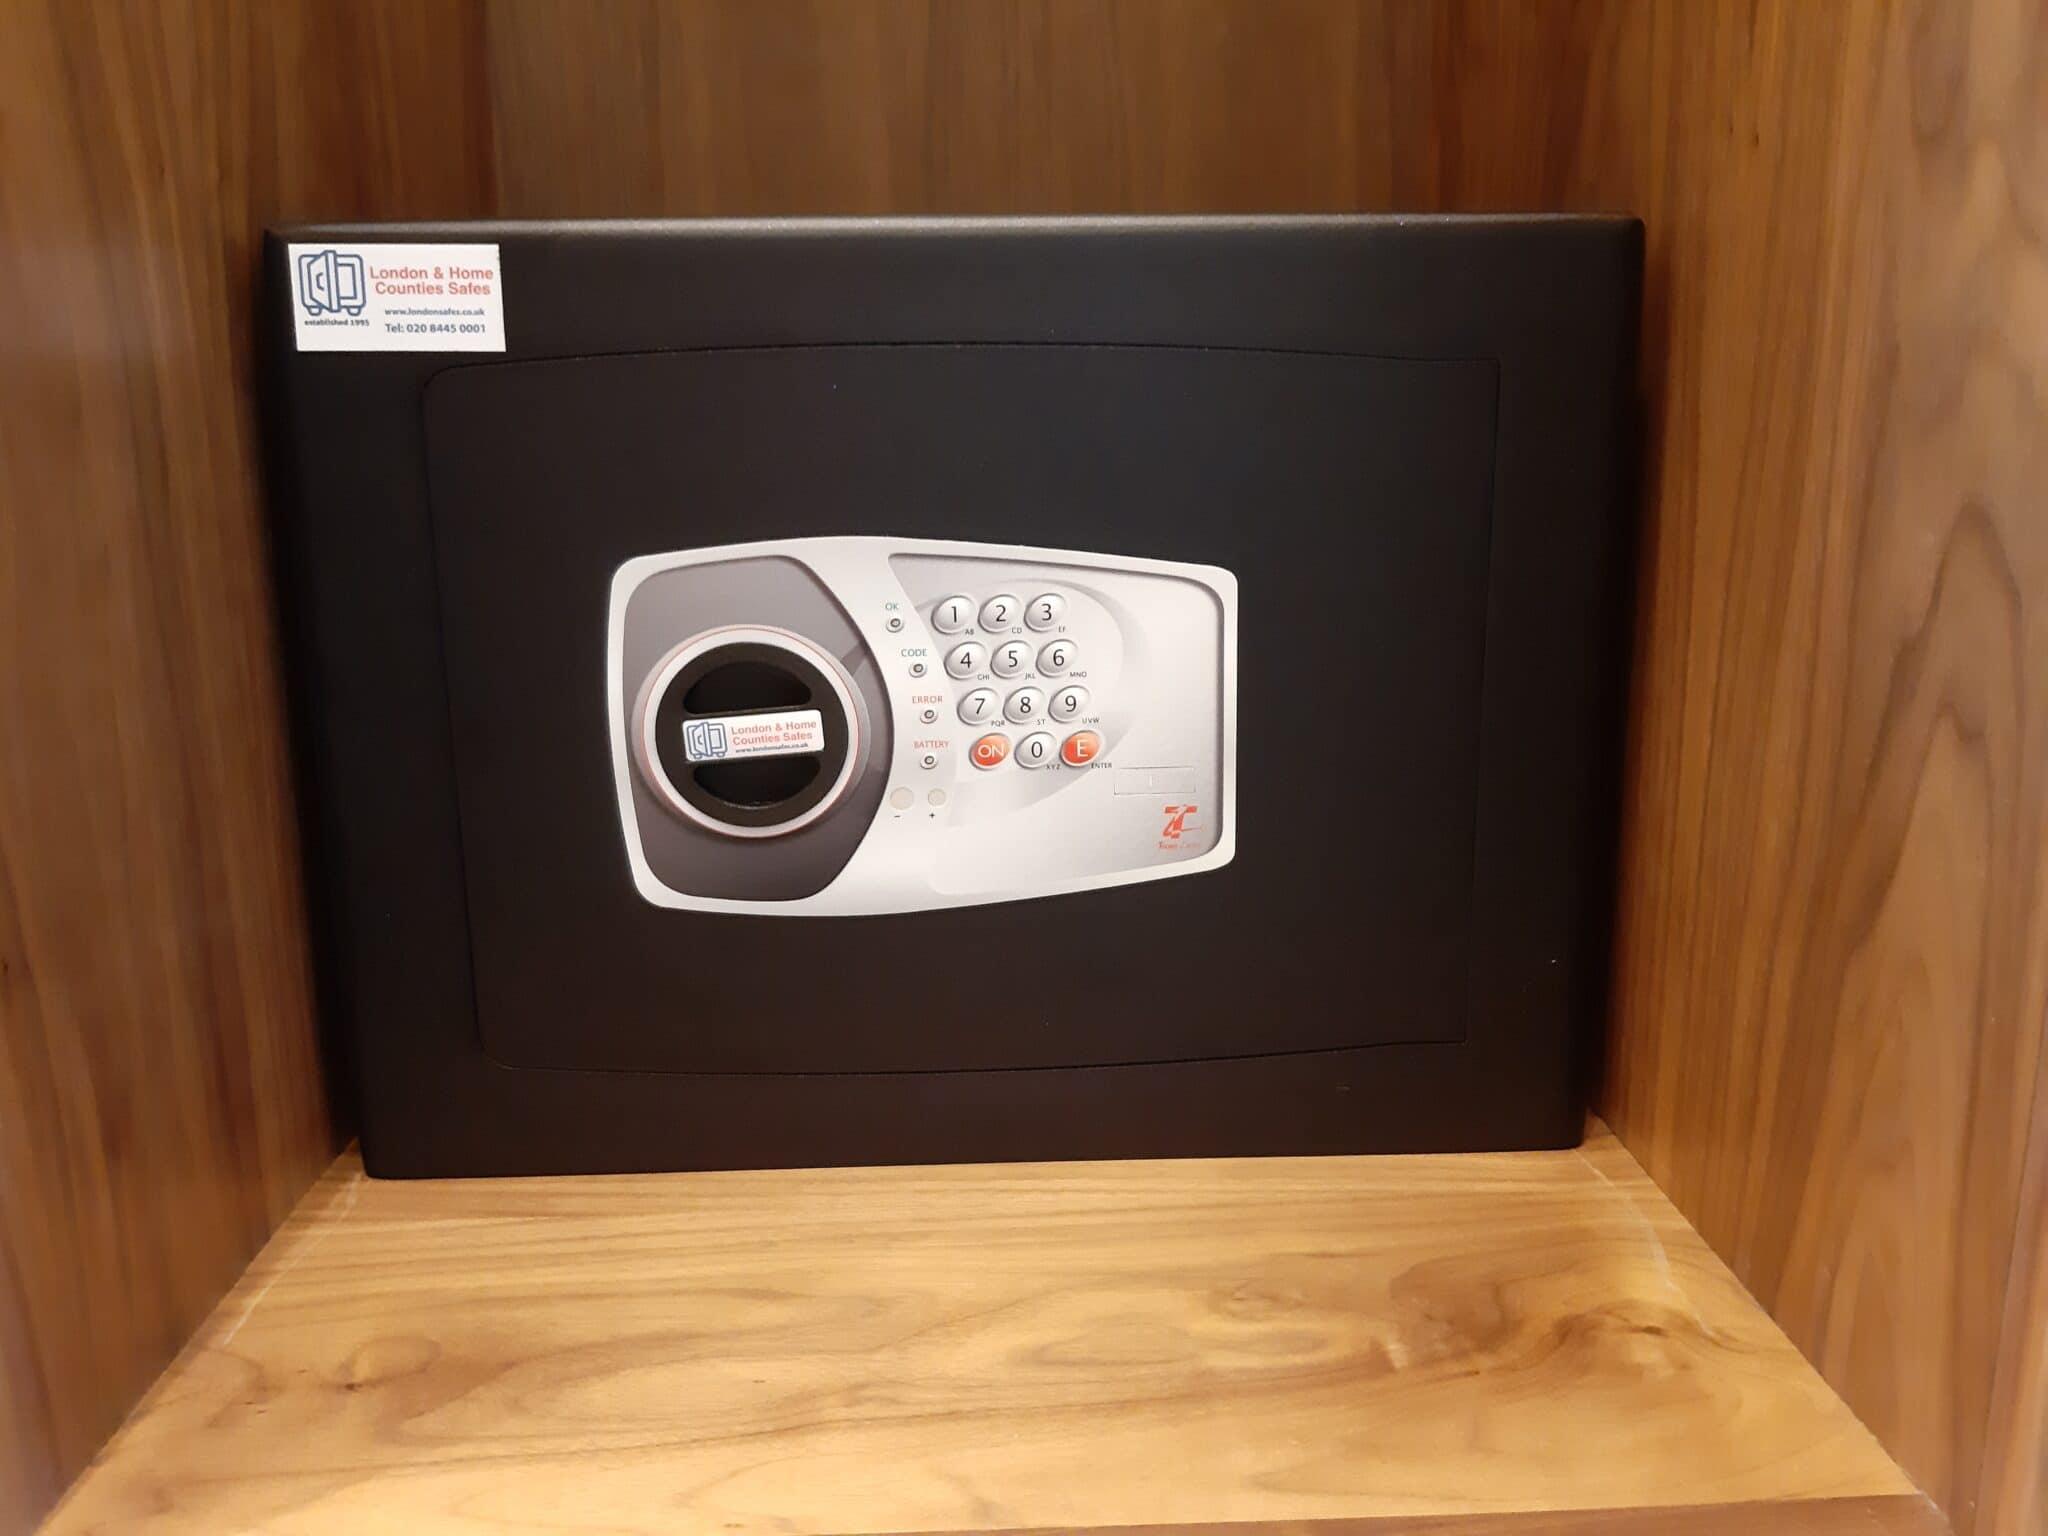 Bloomsbury Size 3 Digital Safe